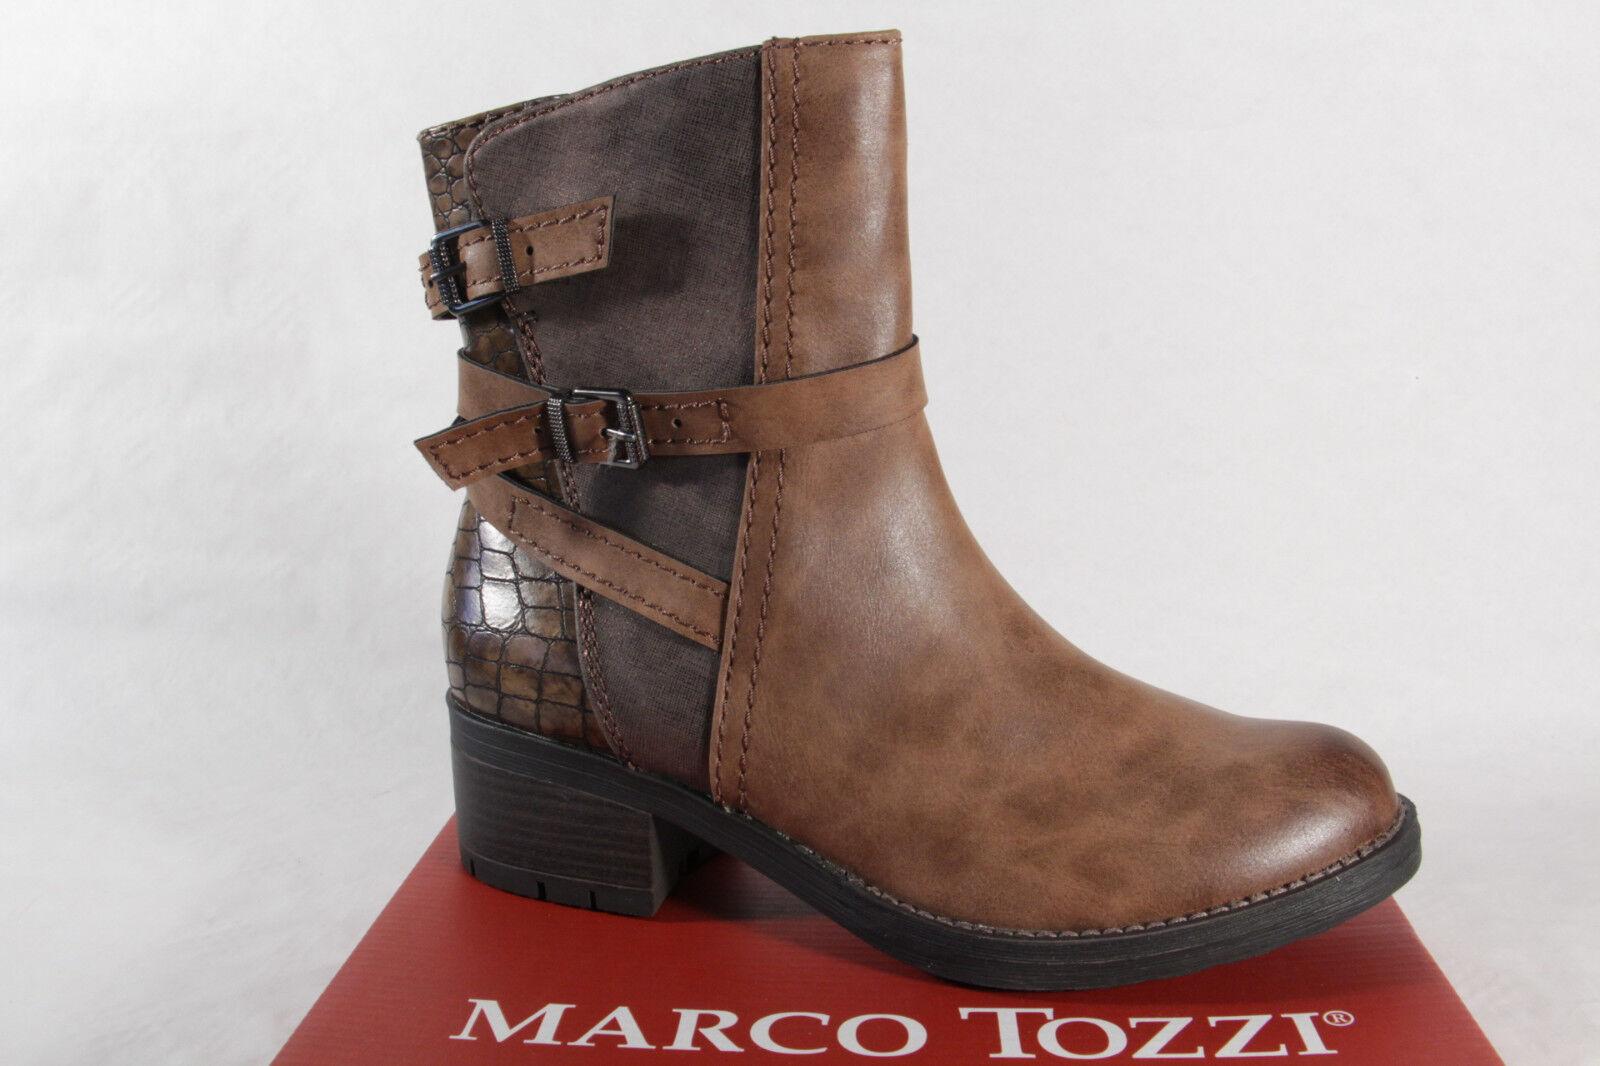 Marco Tozzi 25420 Damen Stiefel, Stiefelette, Stiefel braun NEU